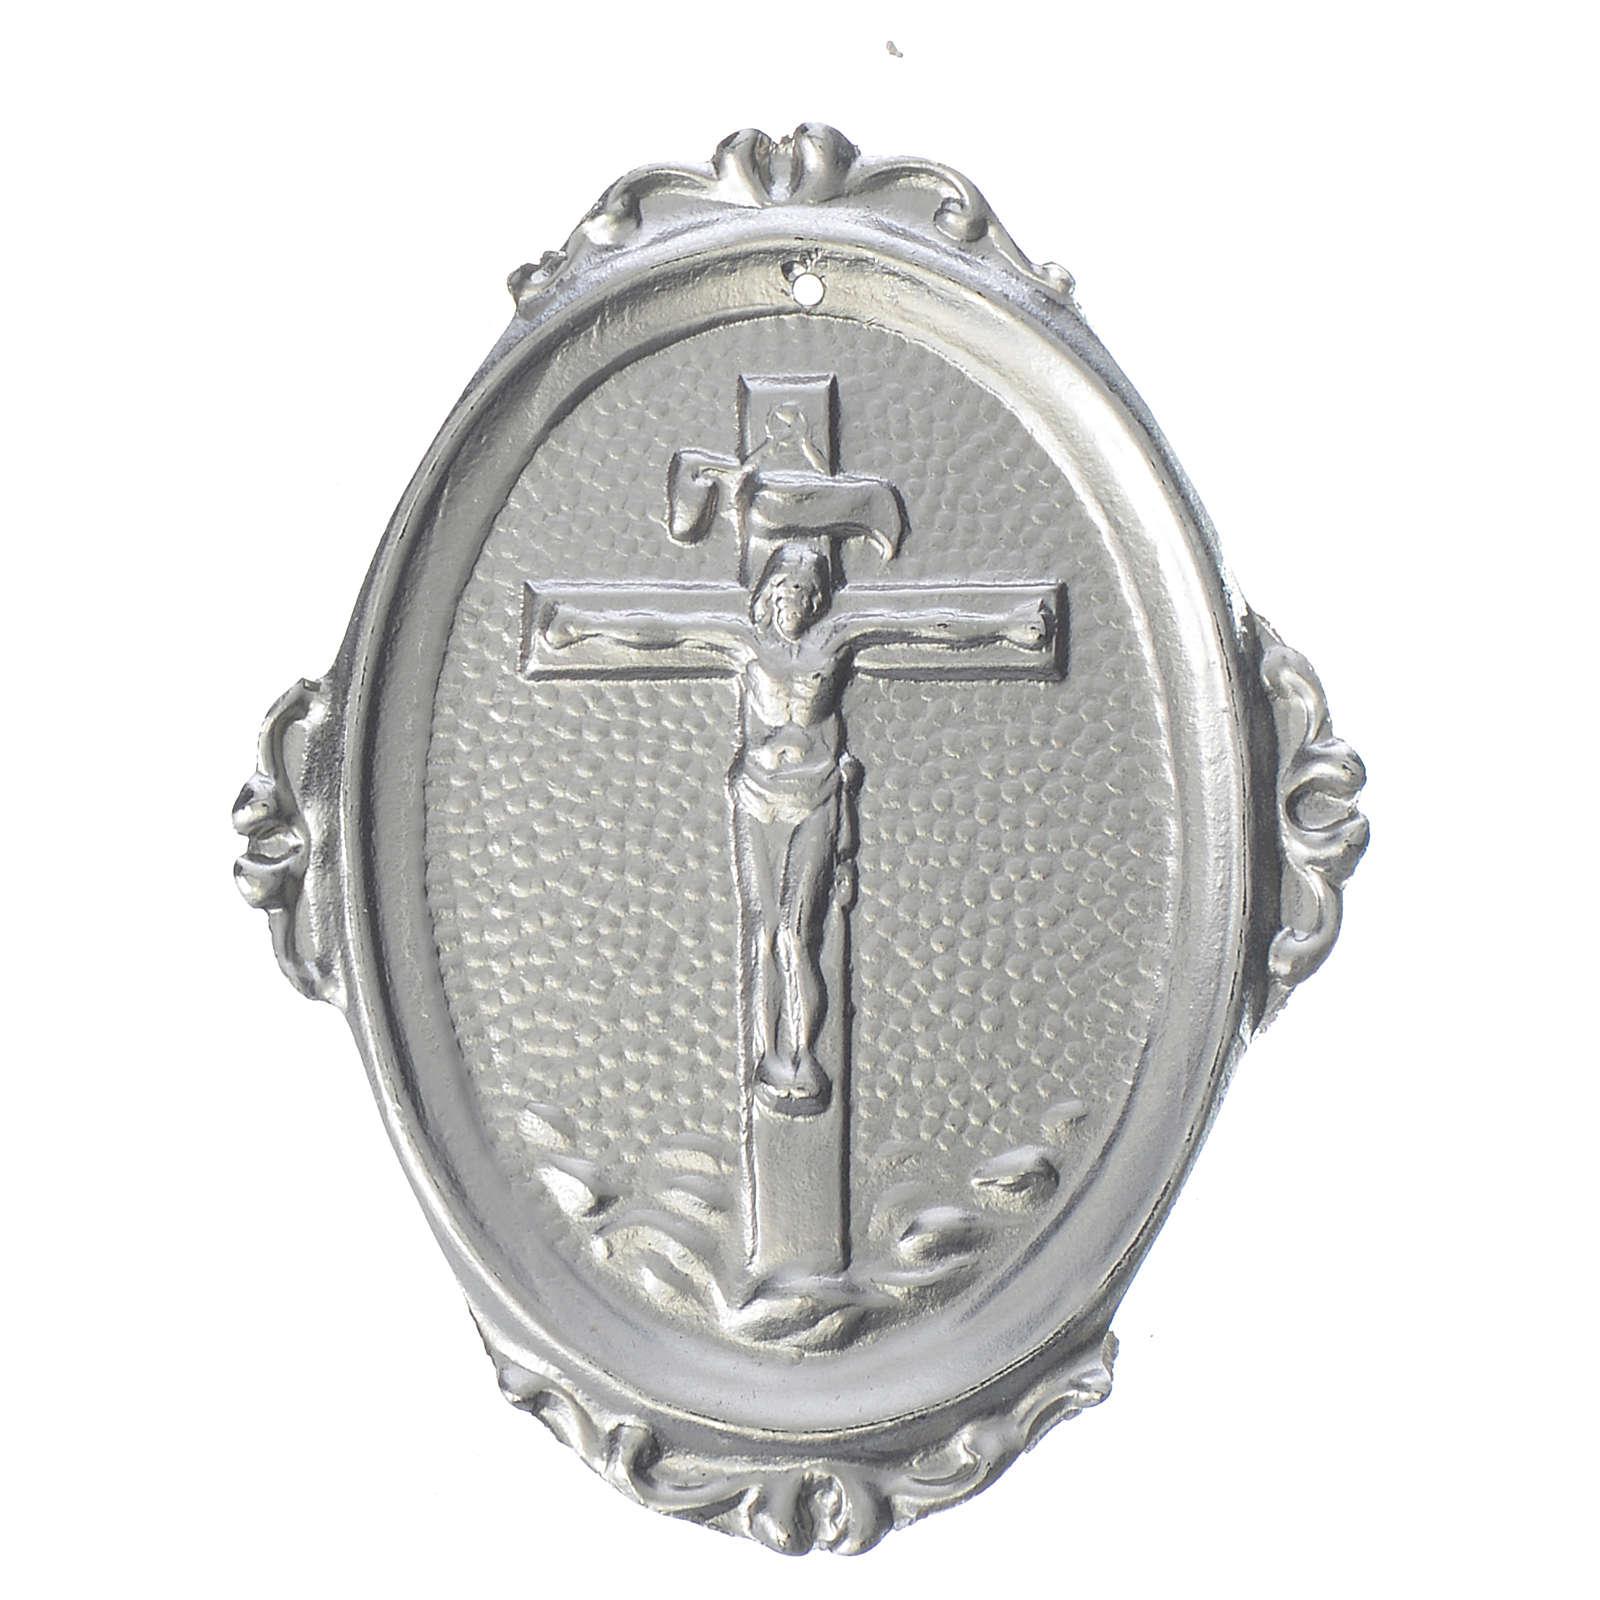 Medaglione confraternite Crocifisso ottone 3